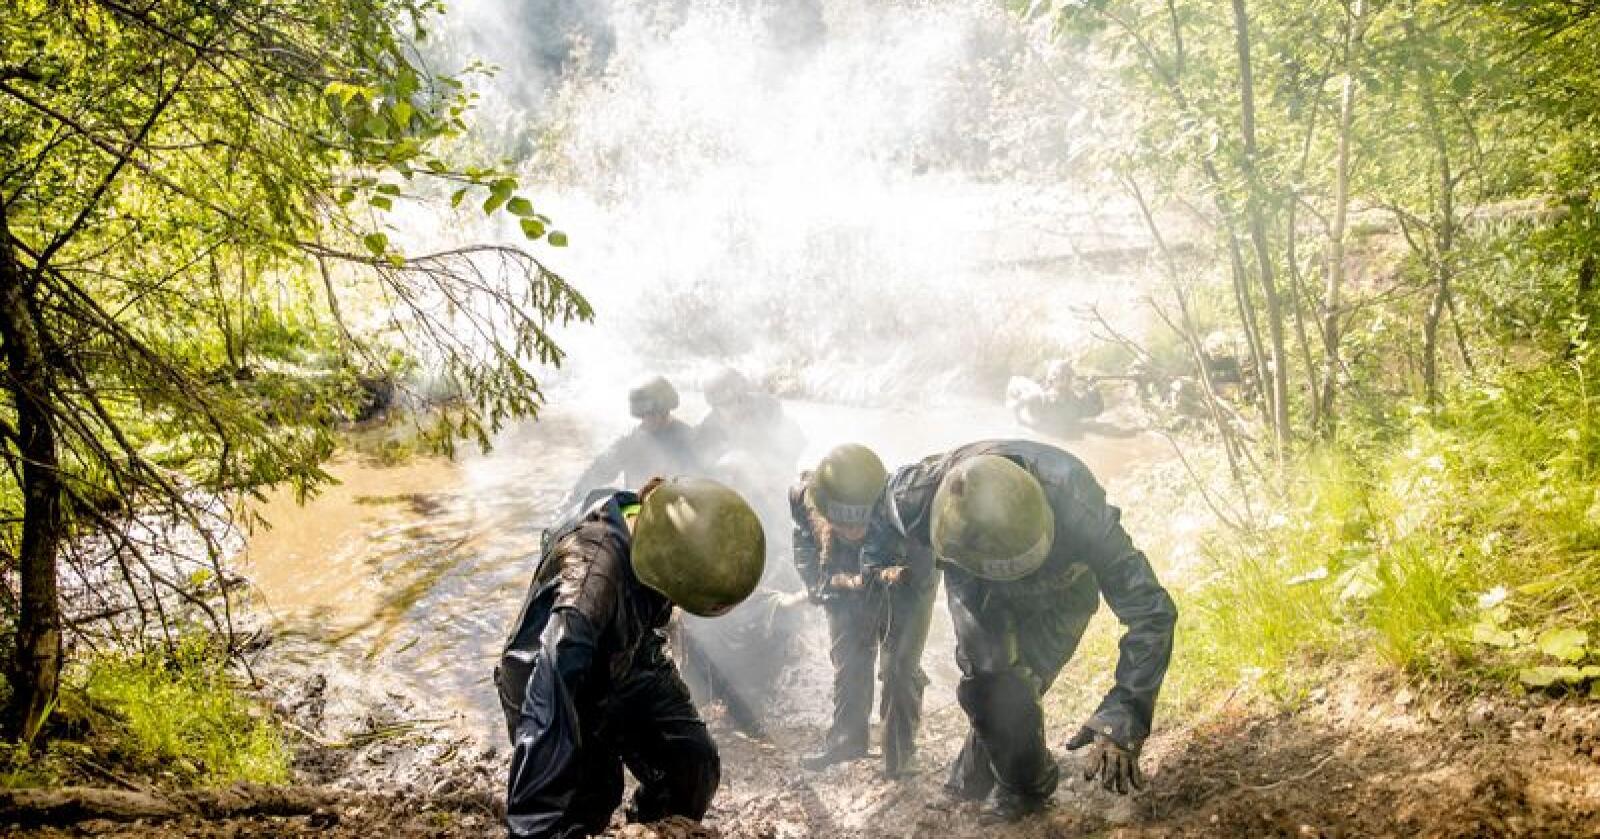 Rema, Norgesgruppen og Coop er blant dem som skal sørge for mat i kroppen hvis det skulle bli krig her i landet. Illustrasjonsfoto: Stian Lysberg Solum / NTB scanpix